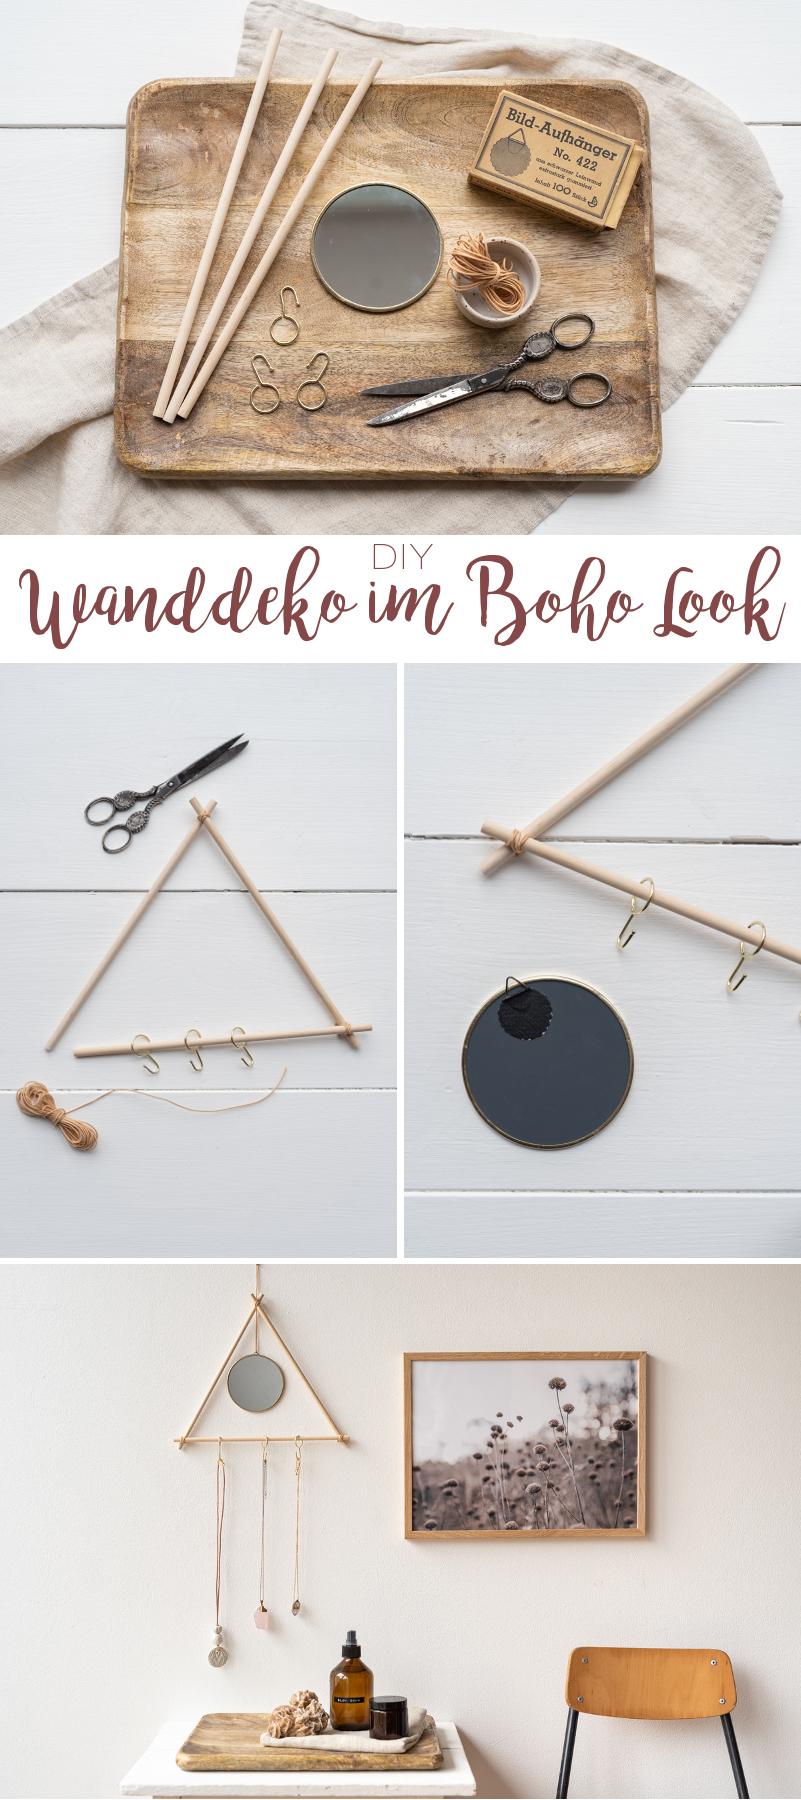 DIY Anleitung für eine einfache Wanddeko aus Holzstäben mit Spiegel und Haken im Boho Look als Aufbewahrung für Schmuck